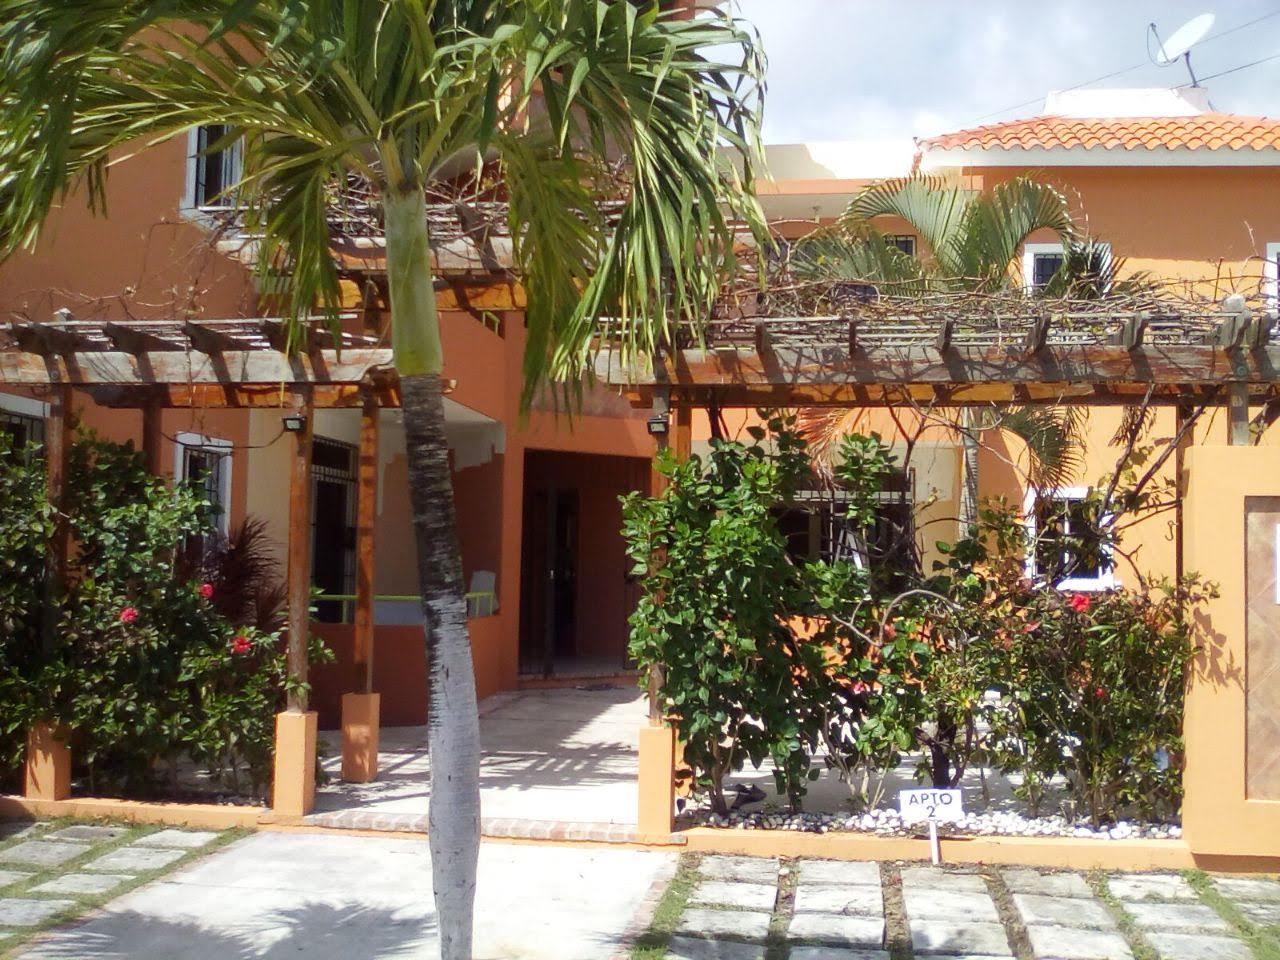 Oportunidad de inversión! Edificio de 4 apartamentos en venta en Punta Cana